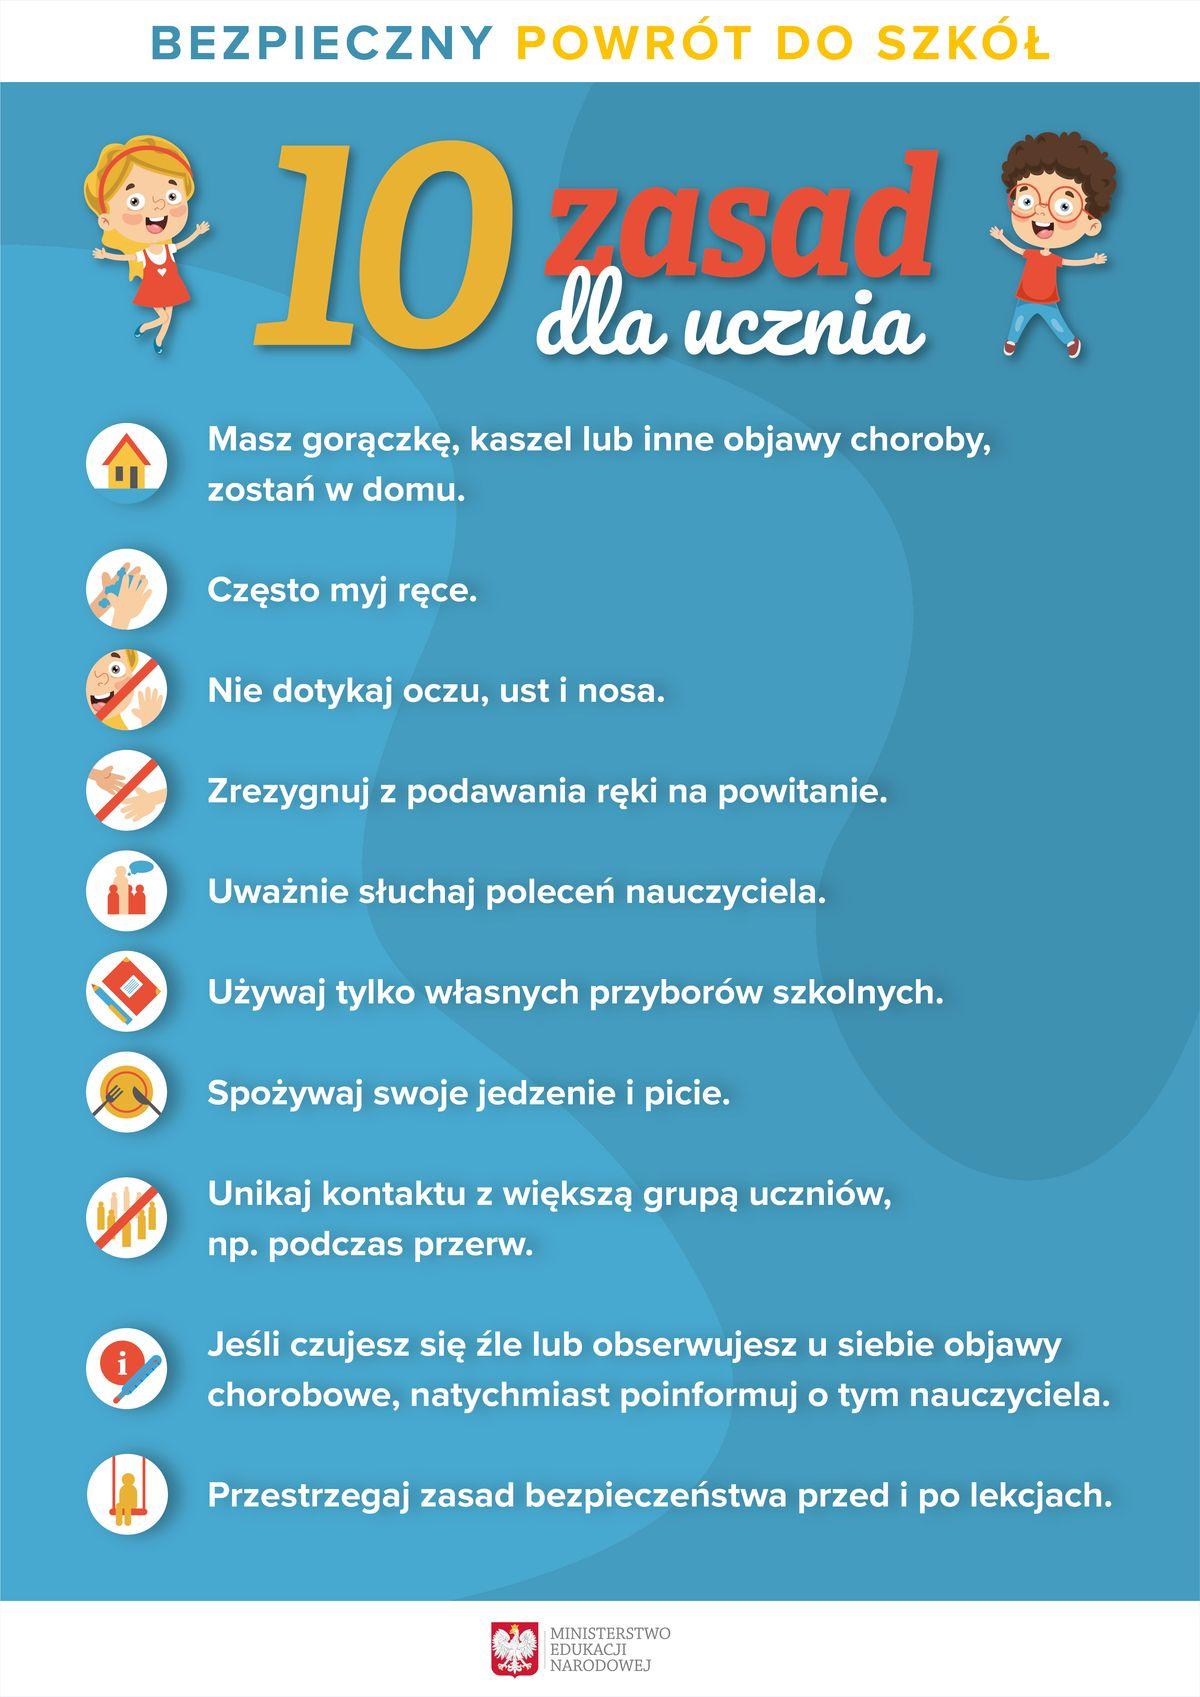 Bezpieczny powrót doszkoły: 10 zasad dla uczniów